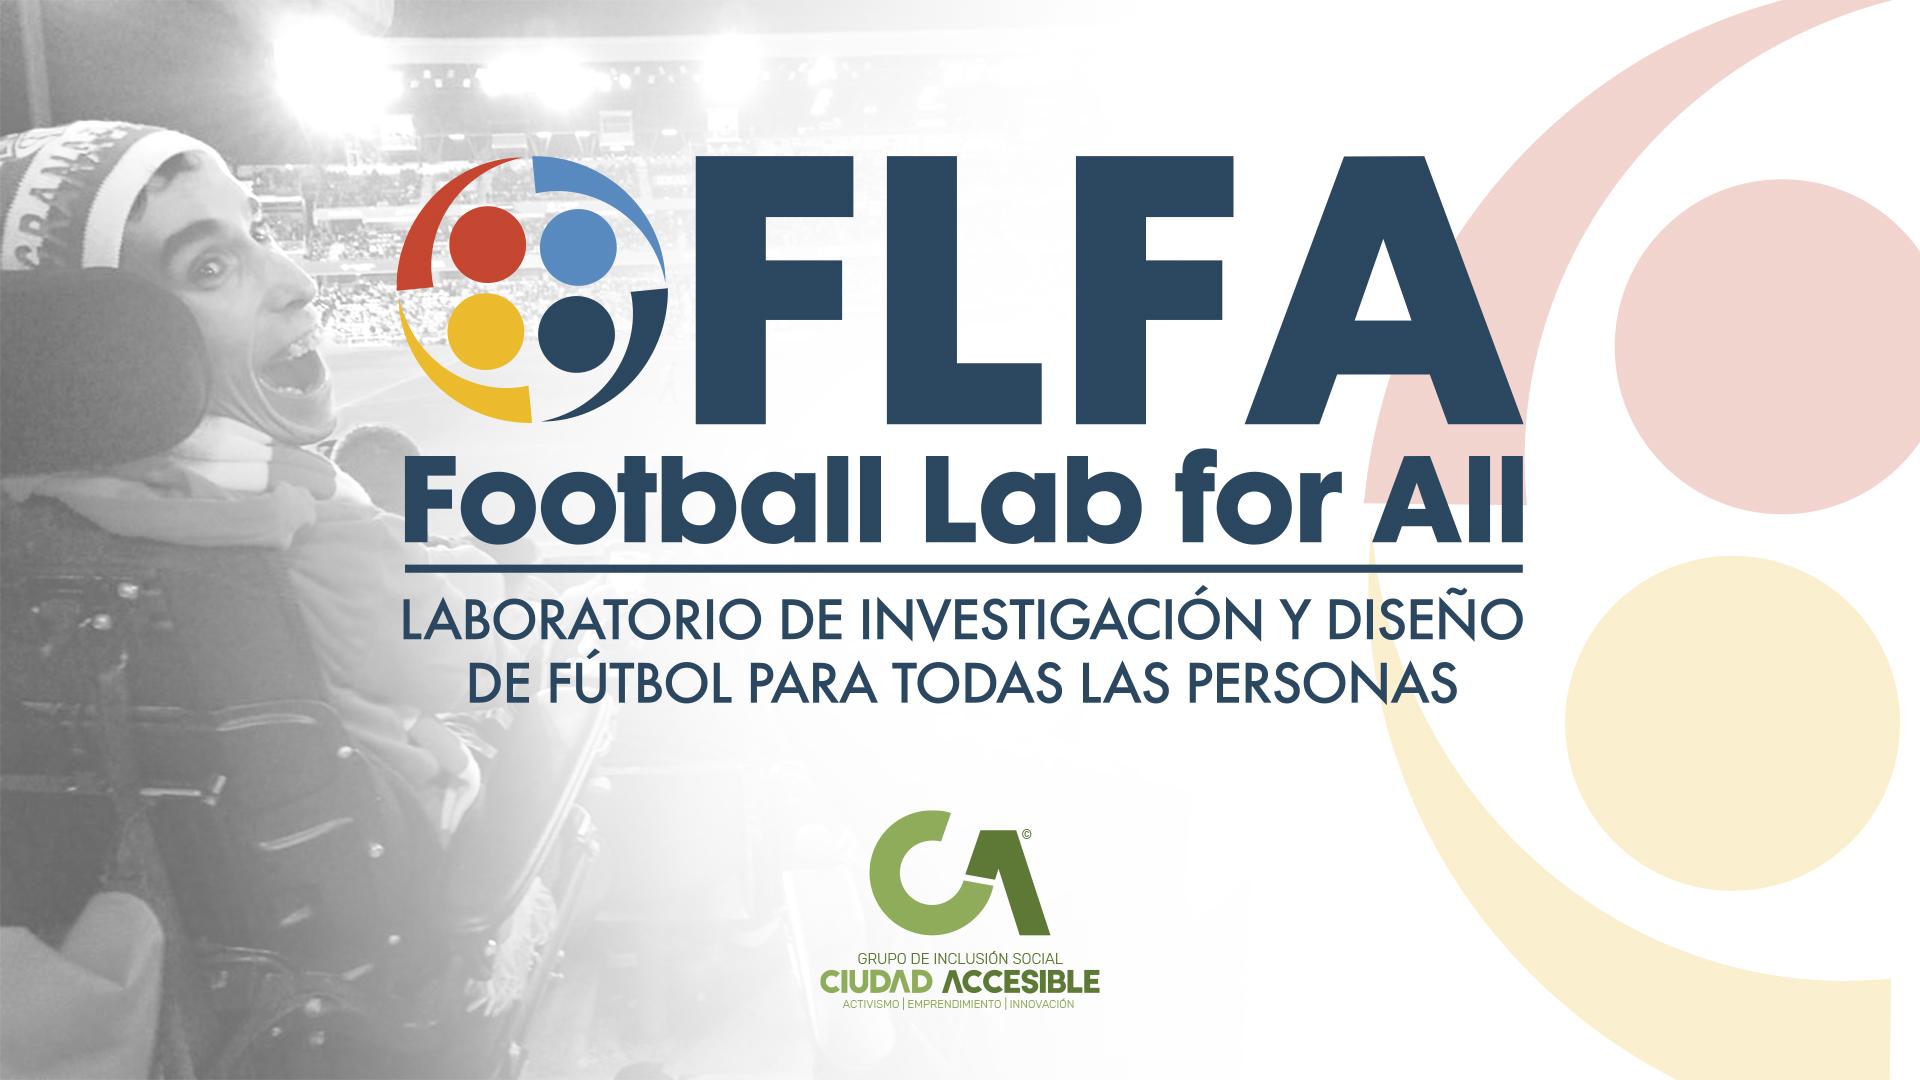 'Football Lab for all' o cómo hacer del fútbol un deporte adecuado para todos